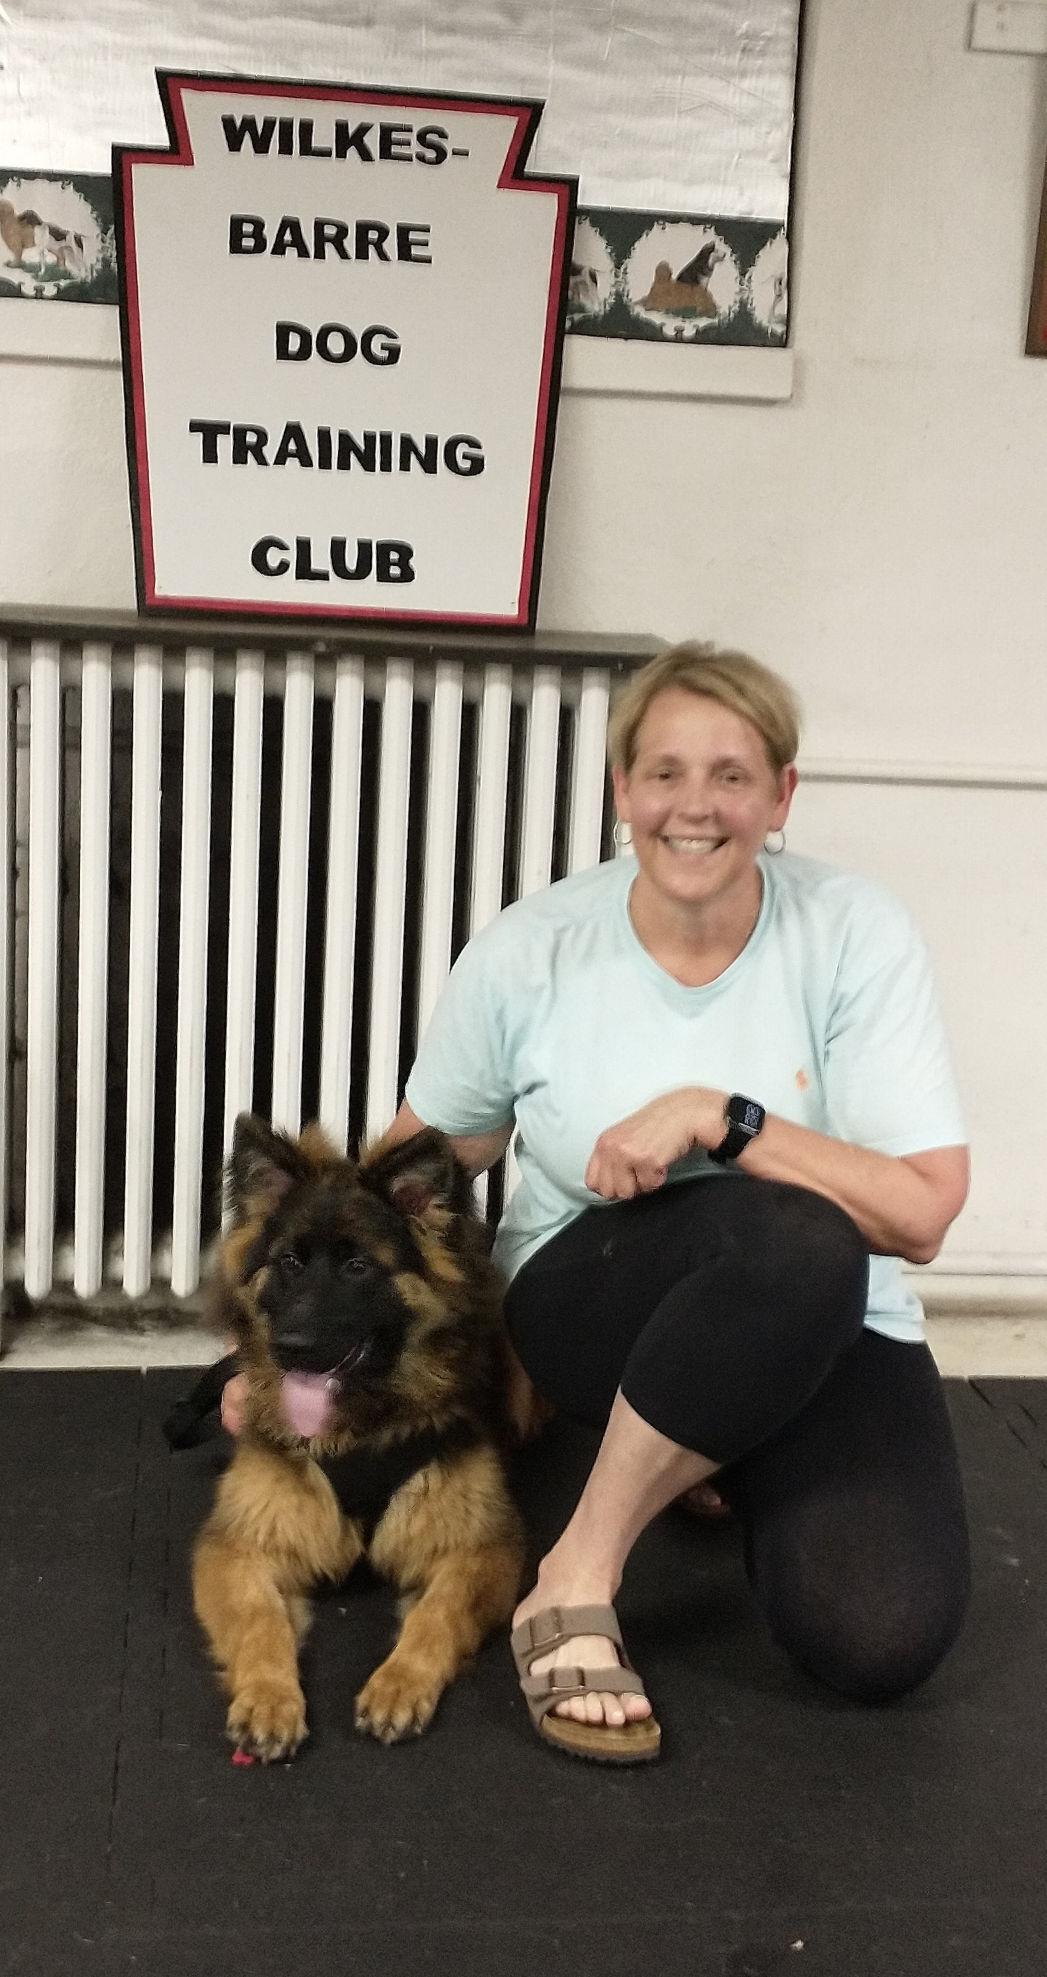 Puppy graduation held at W-B Dog Training Club